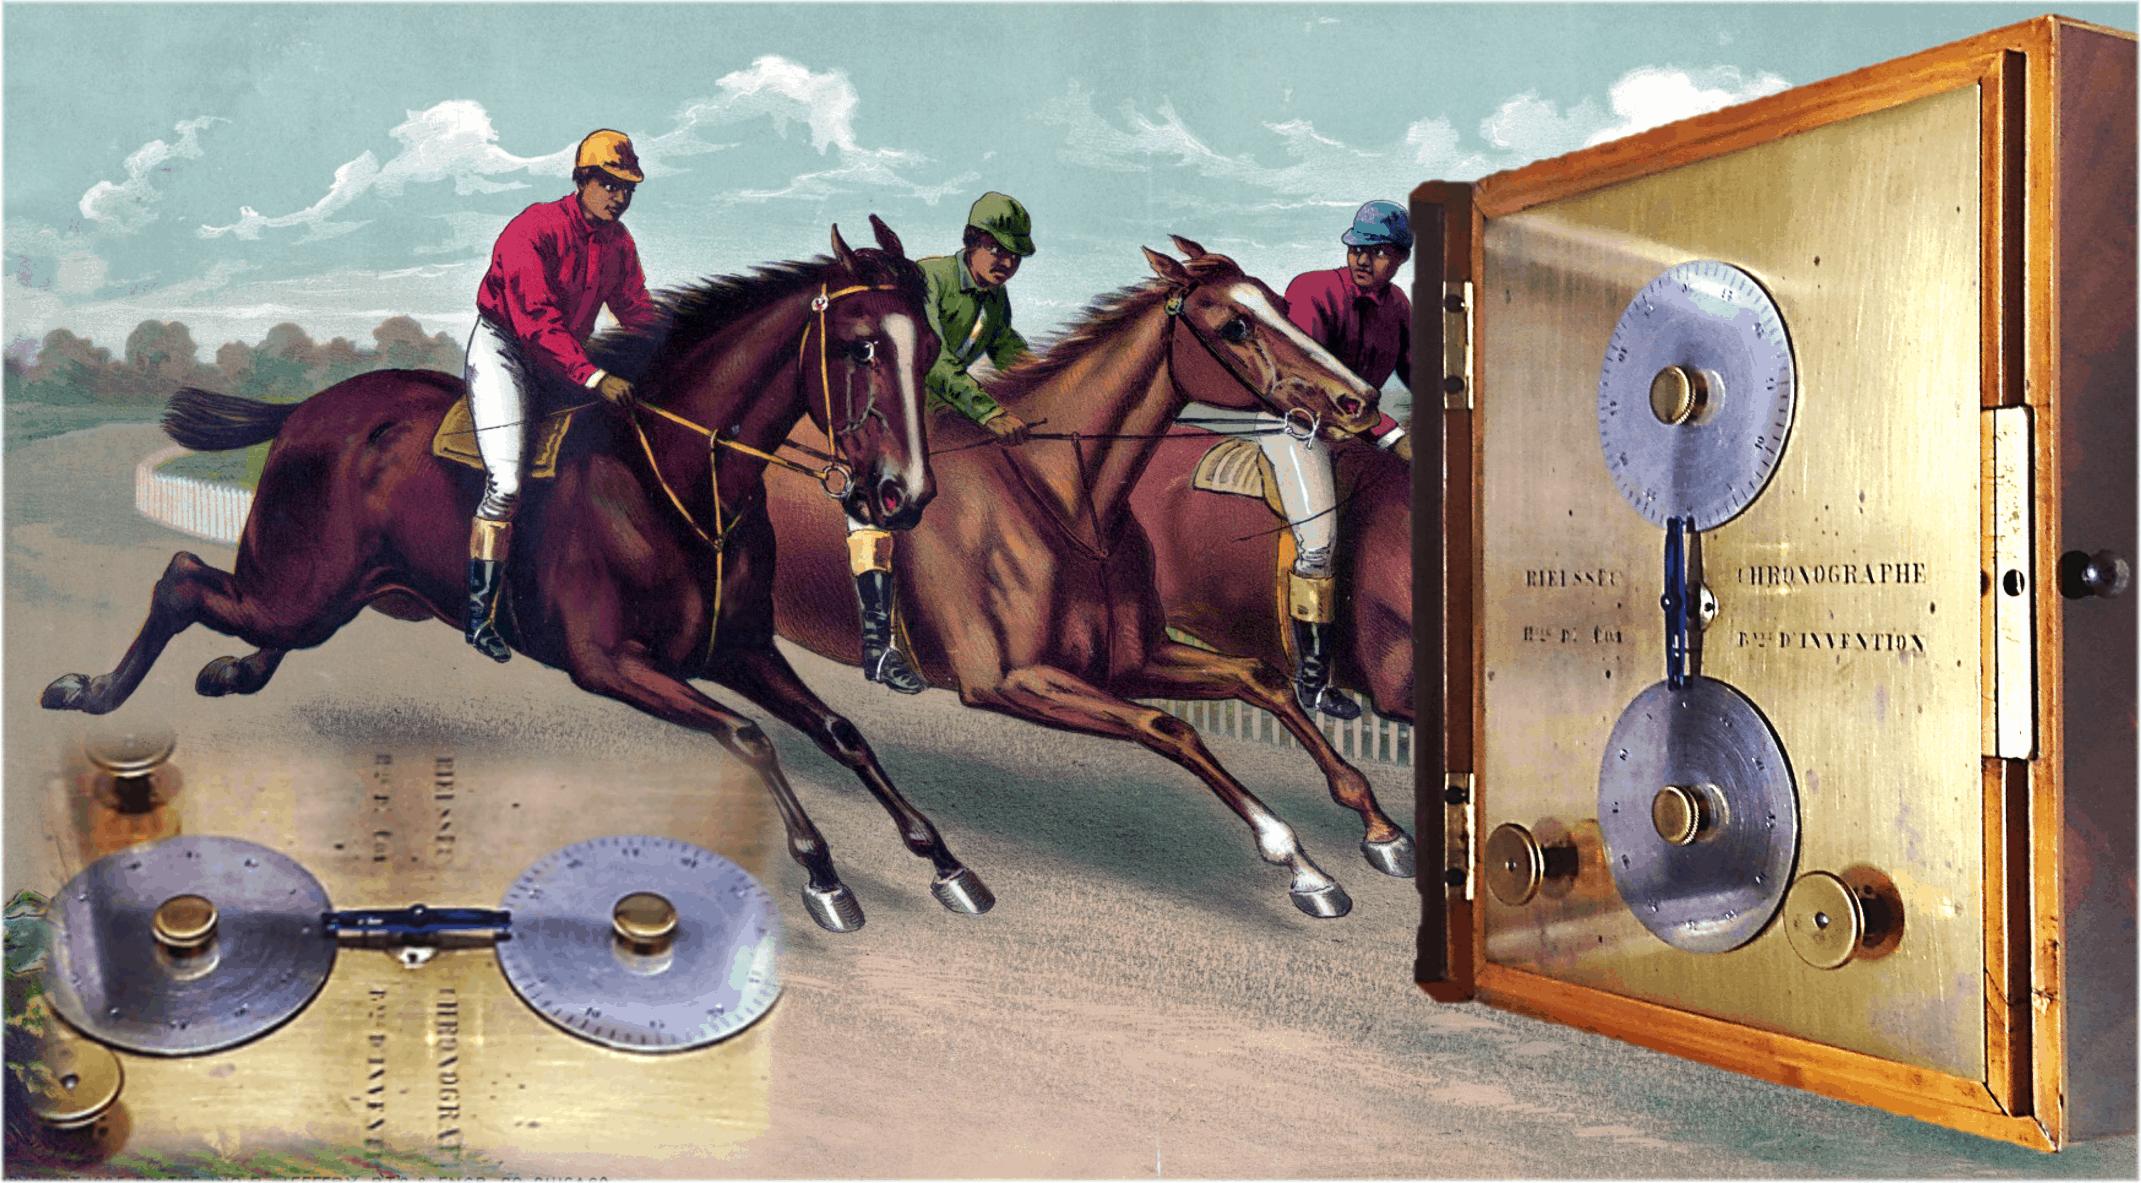 Die zwei Scheiben des Nicolas Mathieu Rieussec Tinten-Chronographen